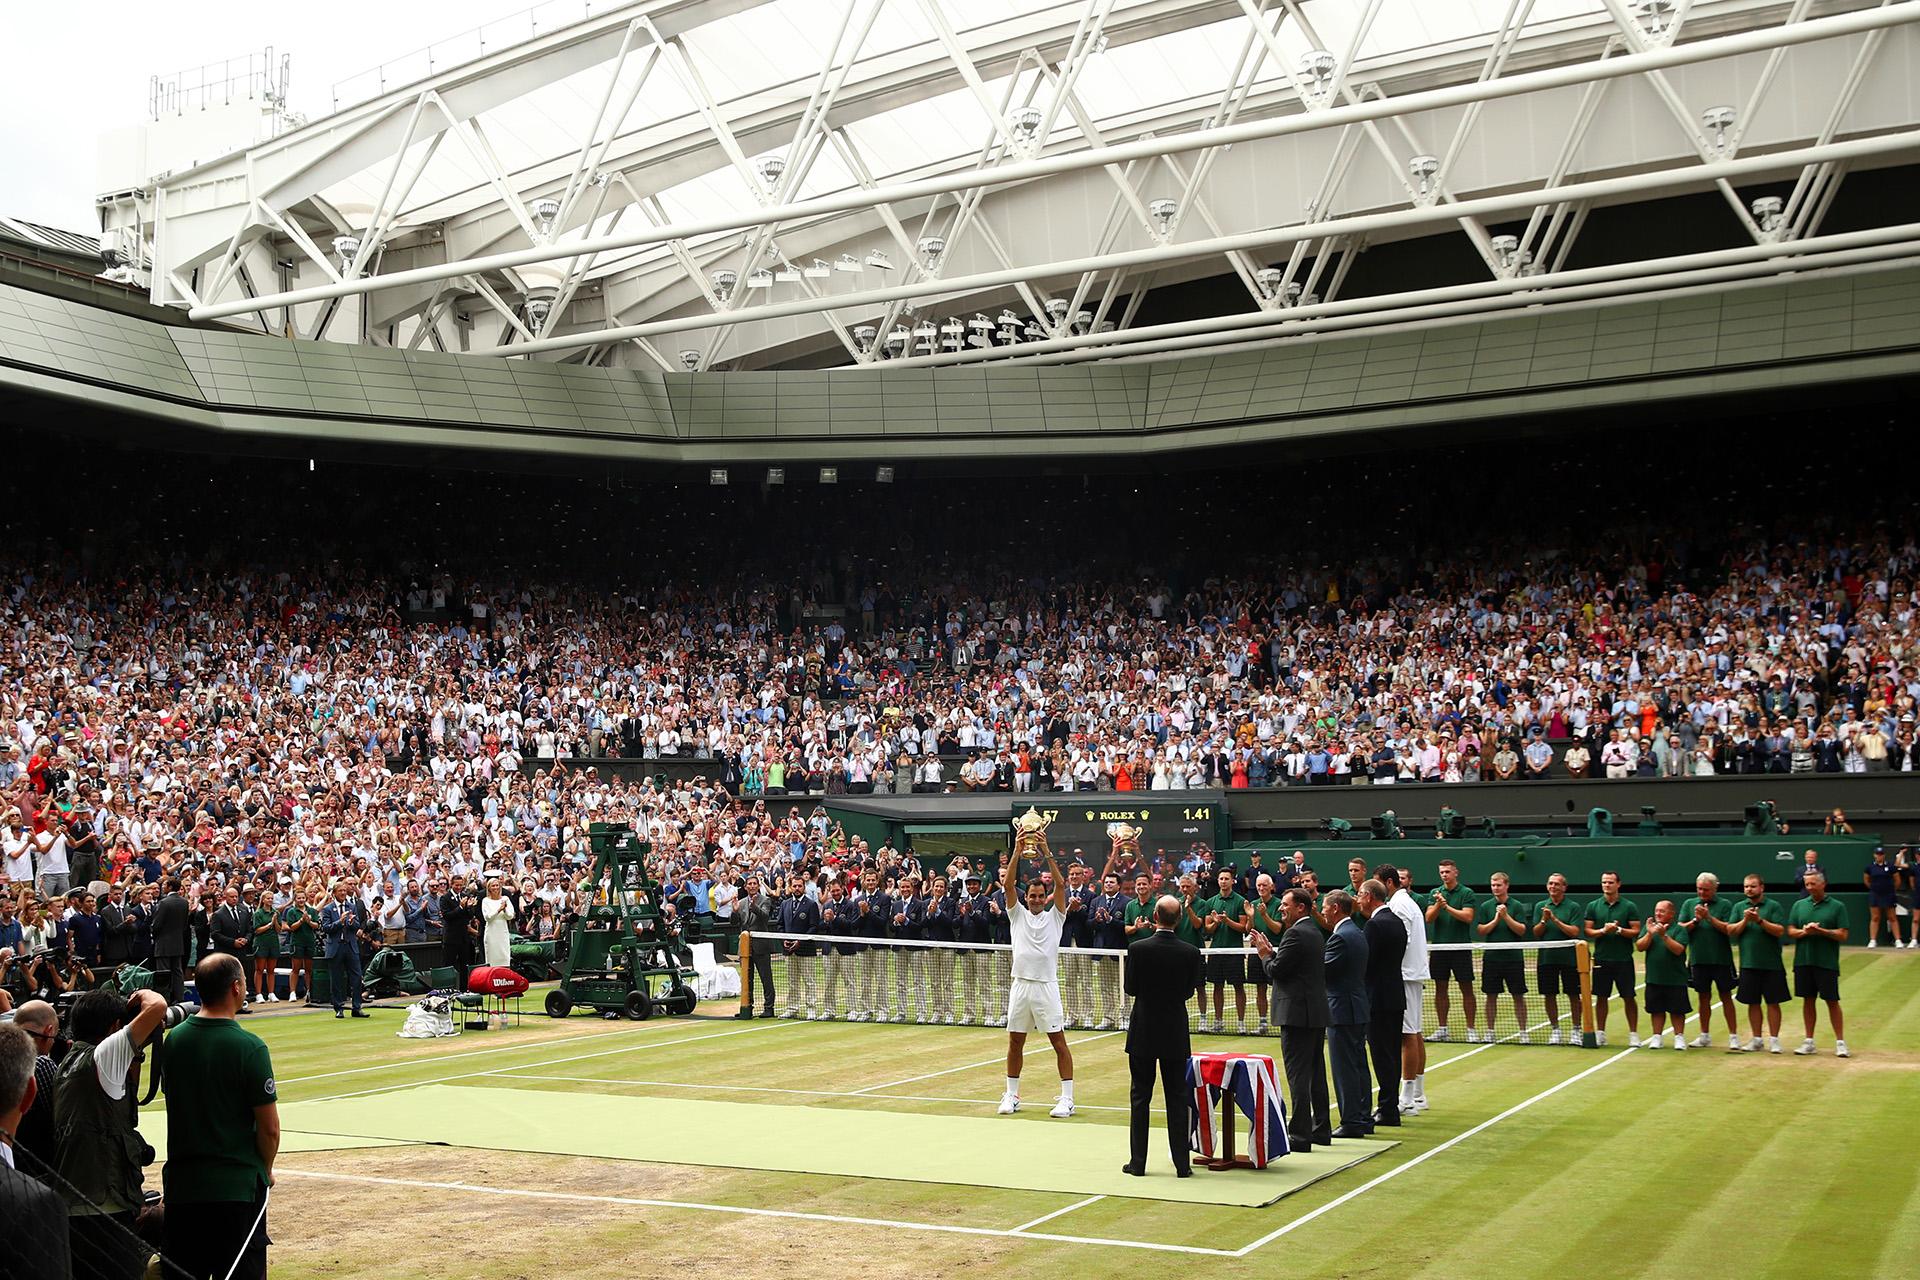 Todos de pie para aclamar a Roger tras el triunfo ante Cilic